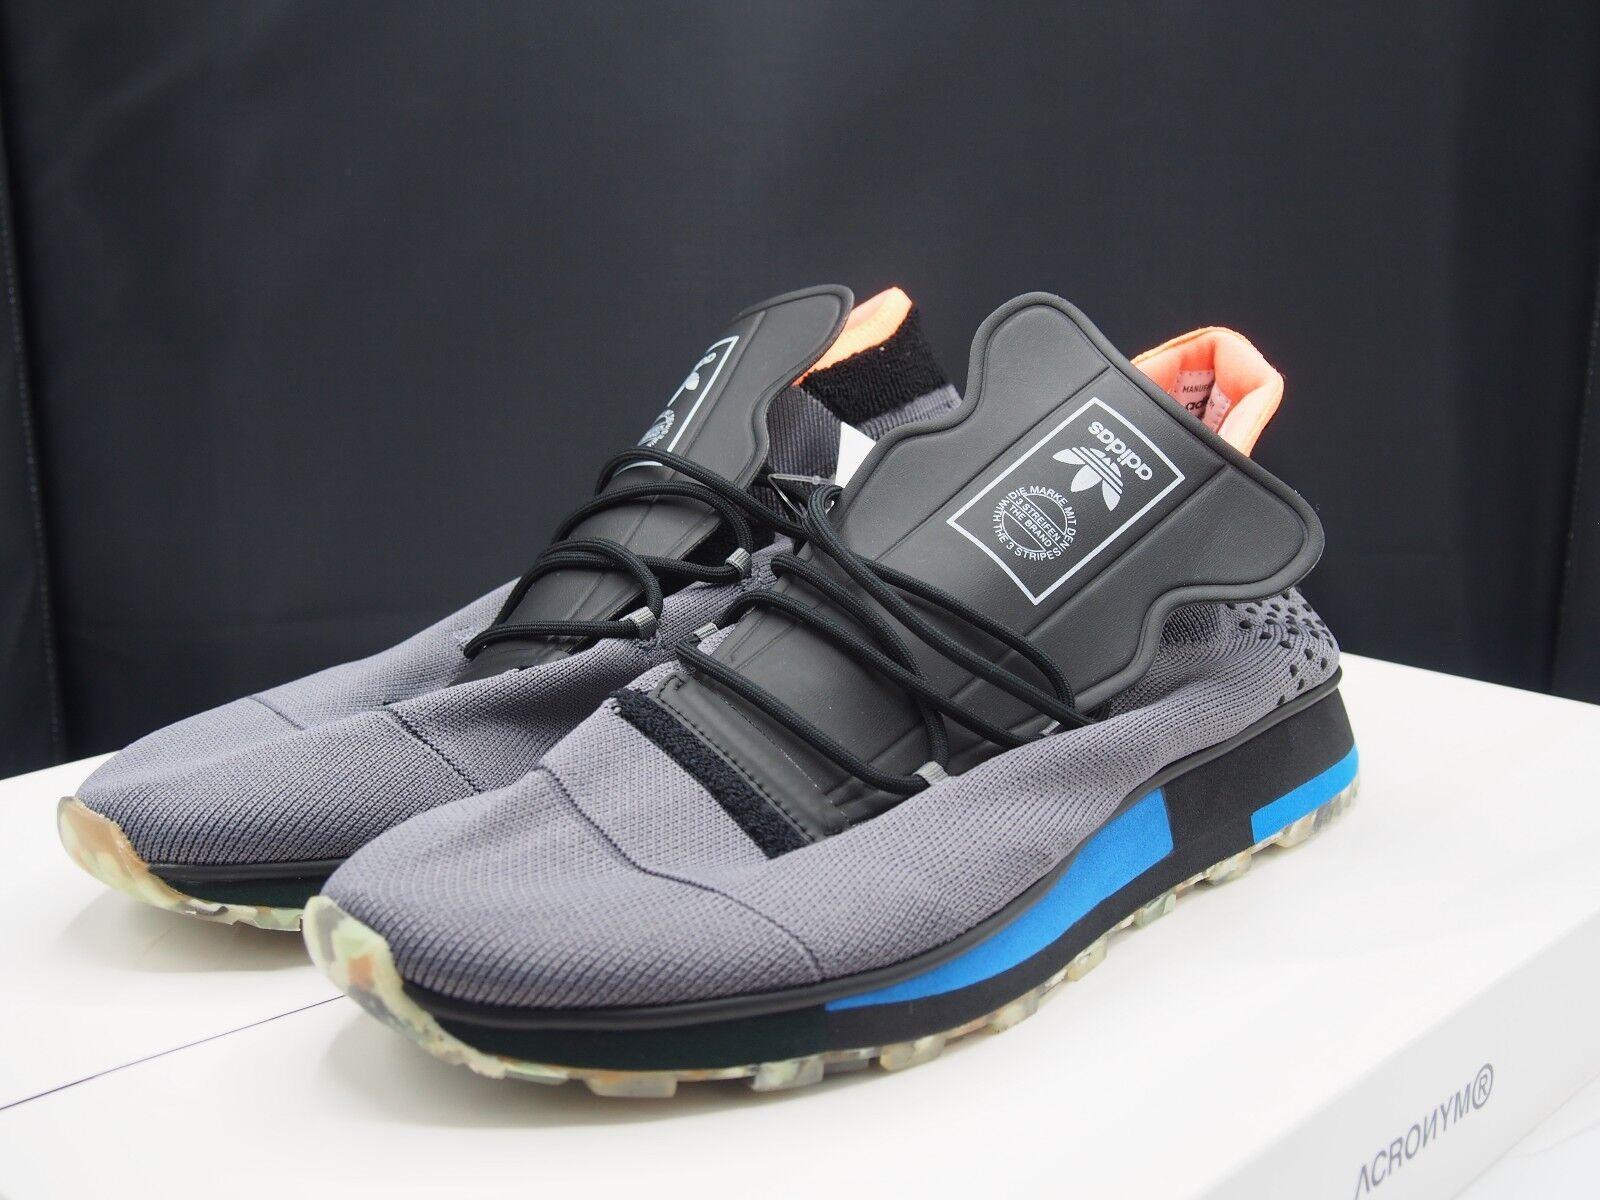 Adidas Adidas Adidas x alexander wang - halbzeit ac6844 männer uns größe 9. 9e510b